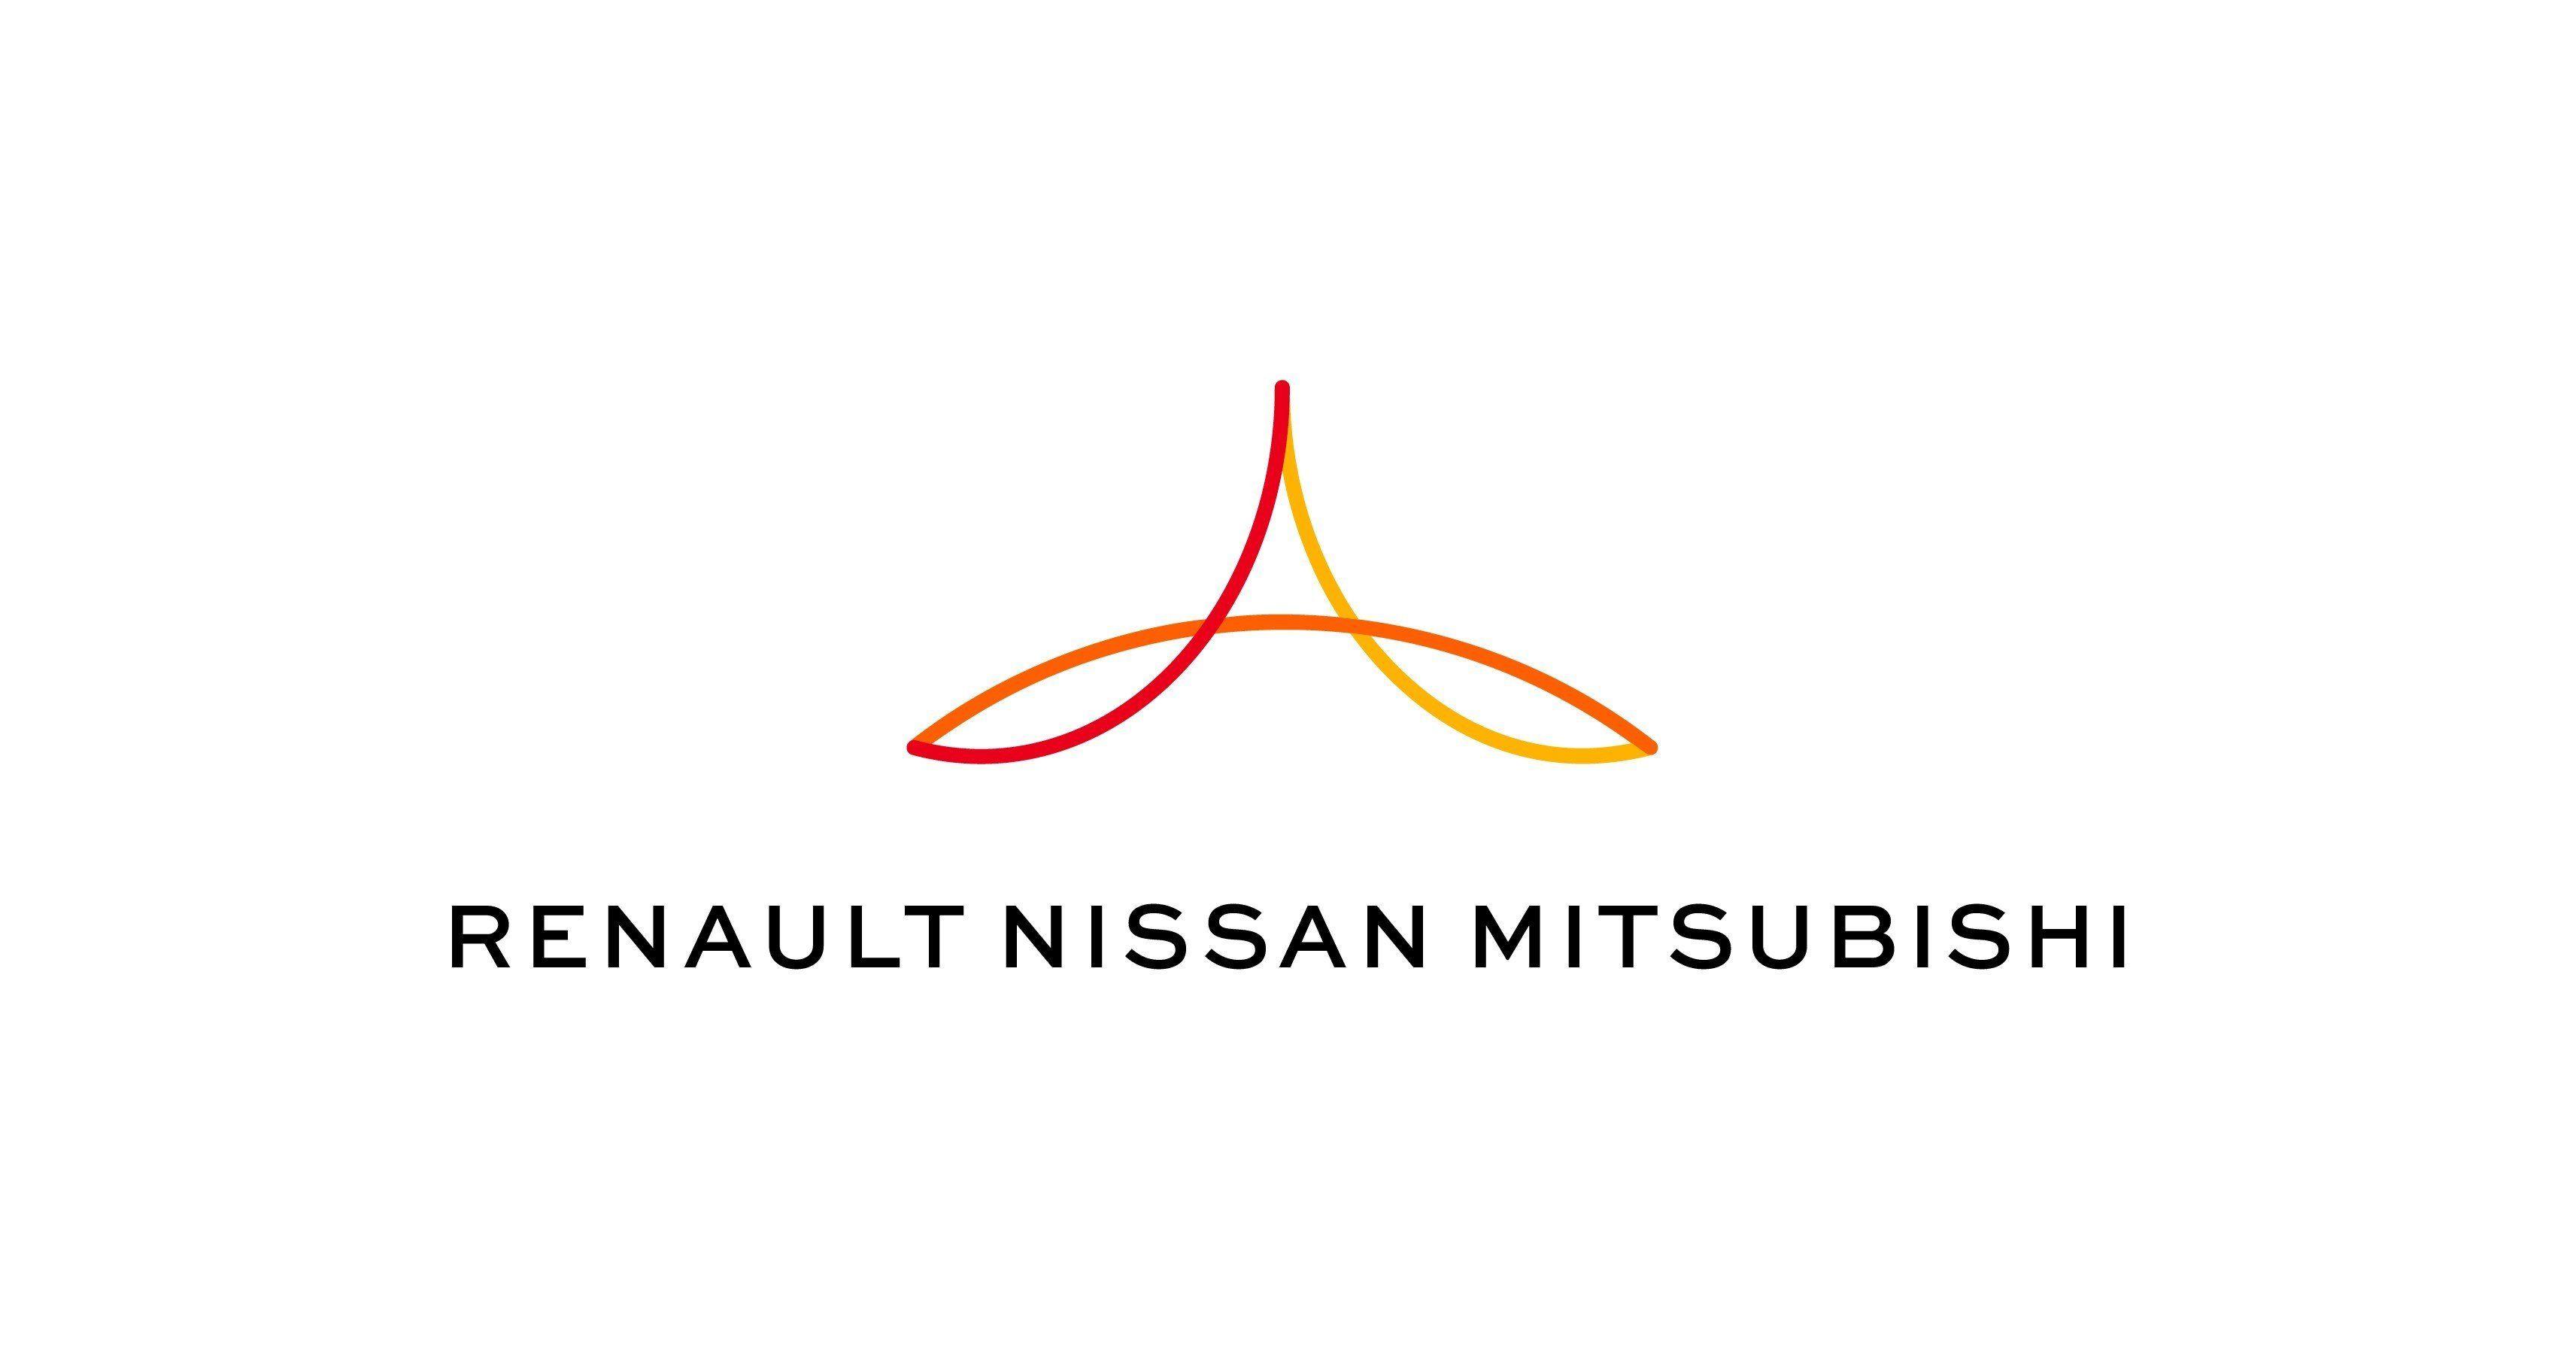 АЛЬЯНС RENAULT-NISSAN-MITSUBISHI ПРОДАВ 10,6 МІЛЬЙОНІВ АВТОМОБІЛІВ В 2017